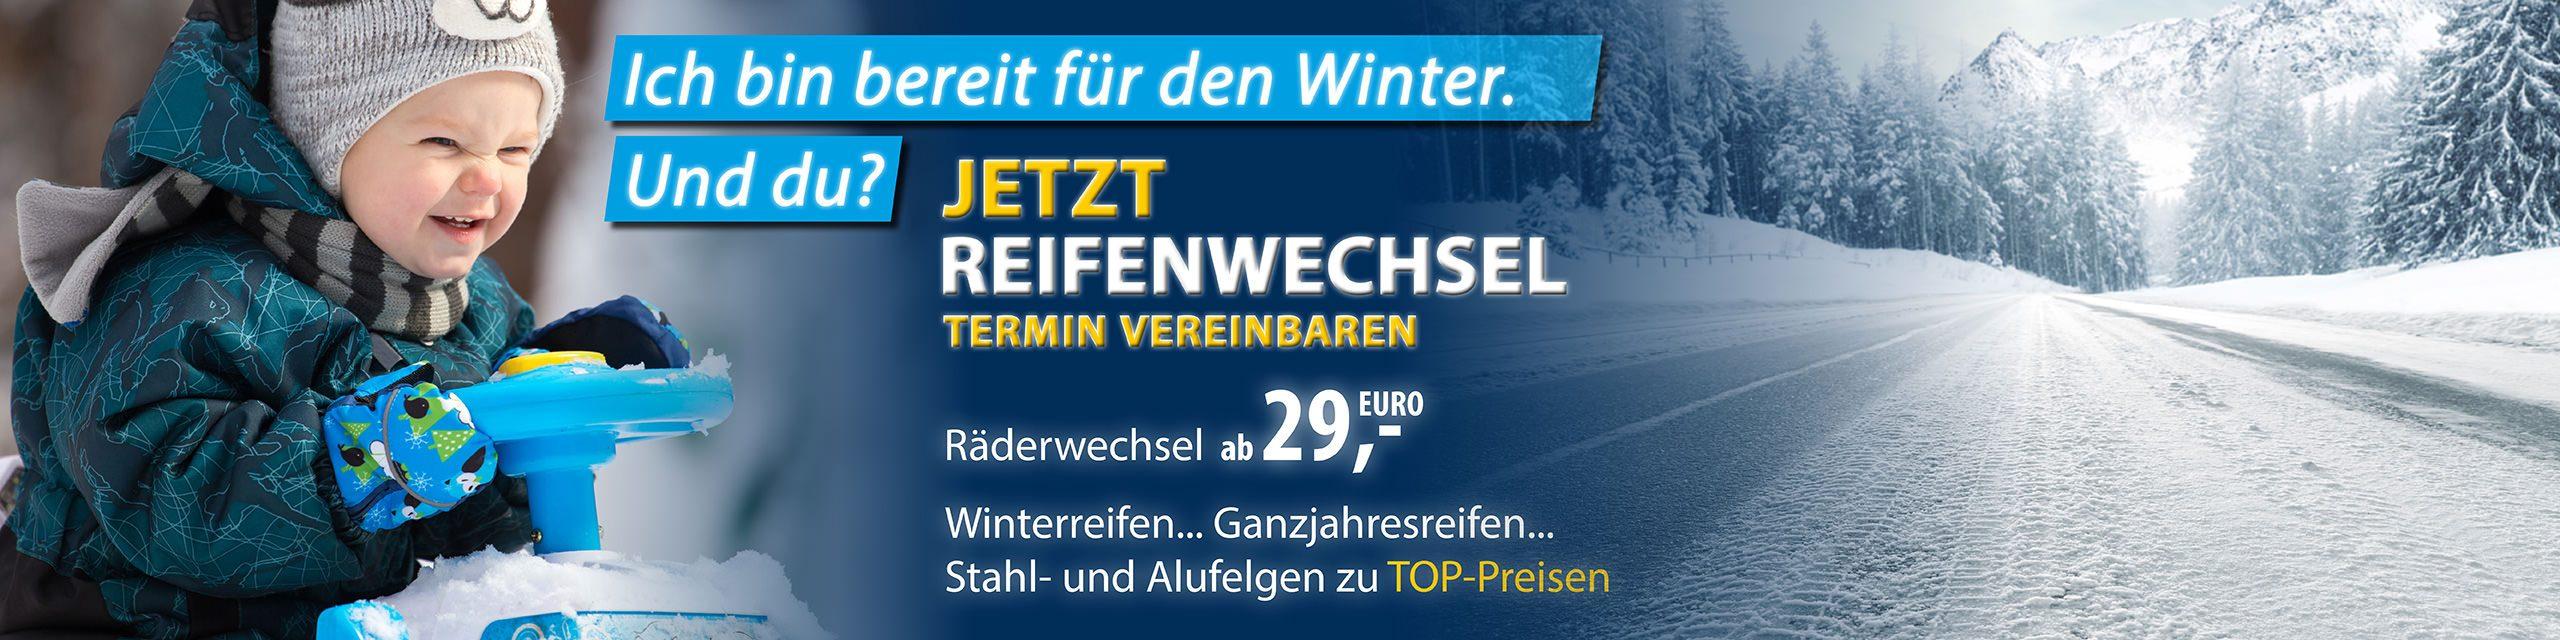 Aktion: Bereit für den Winter?